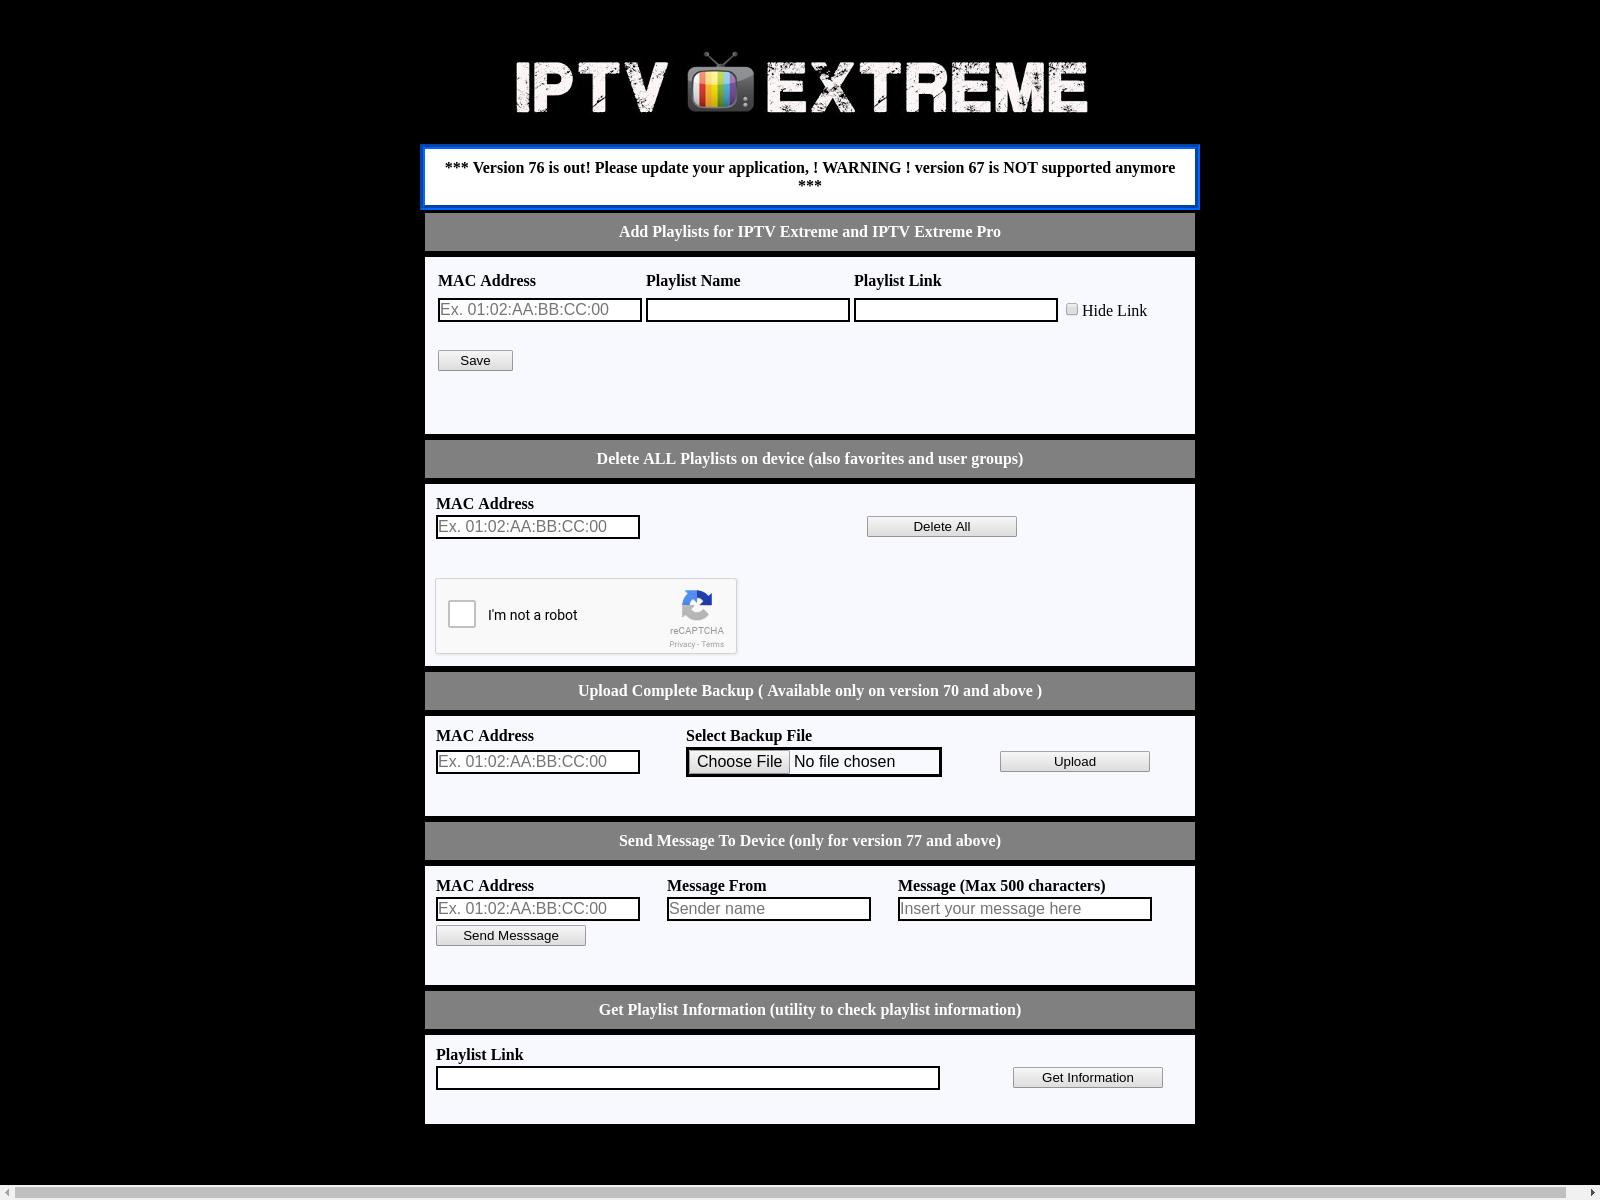 www iptvextreme eu